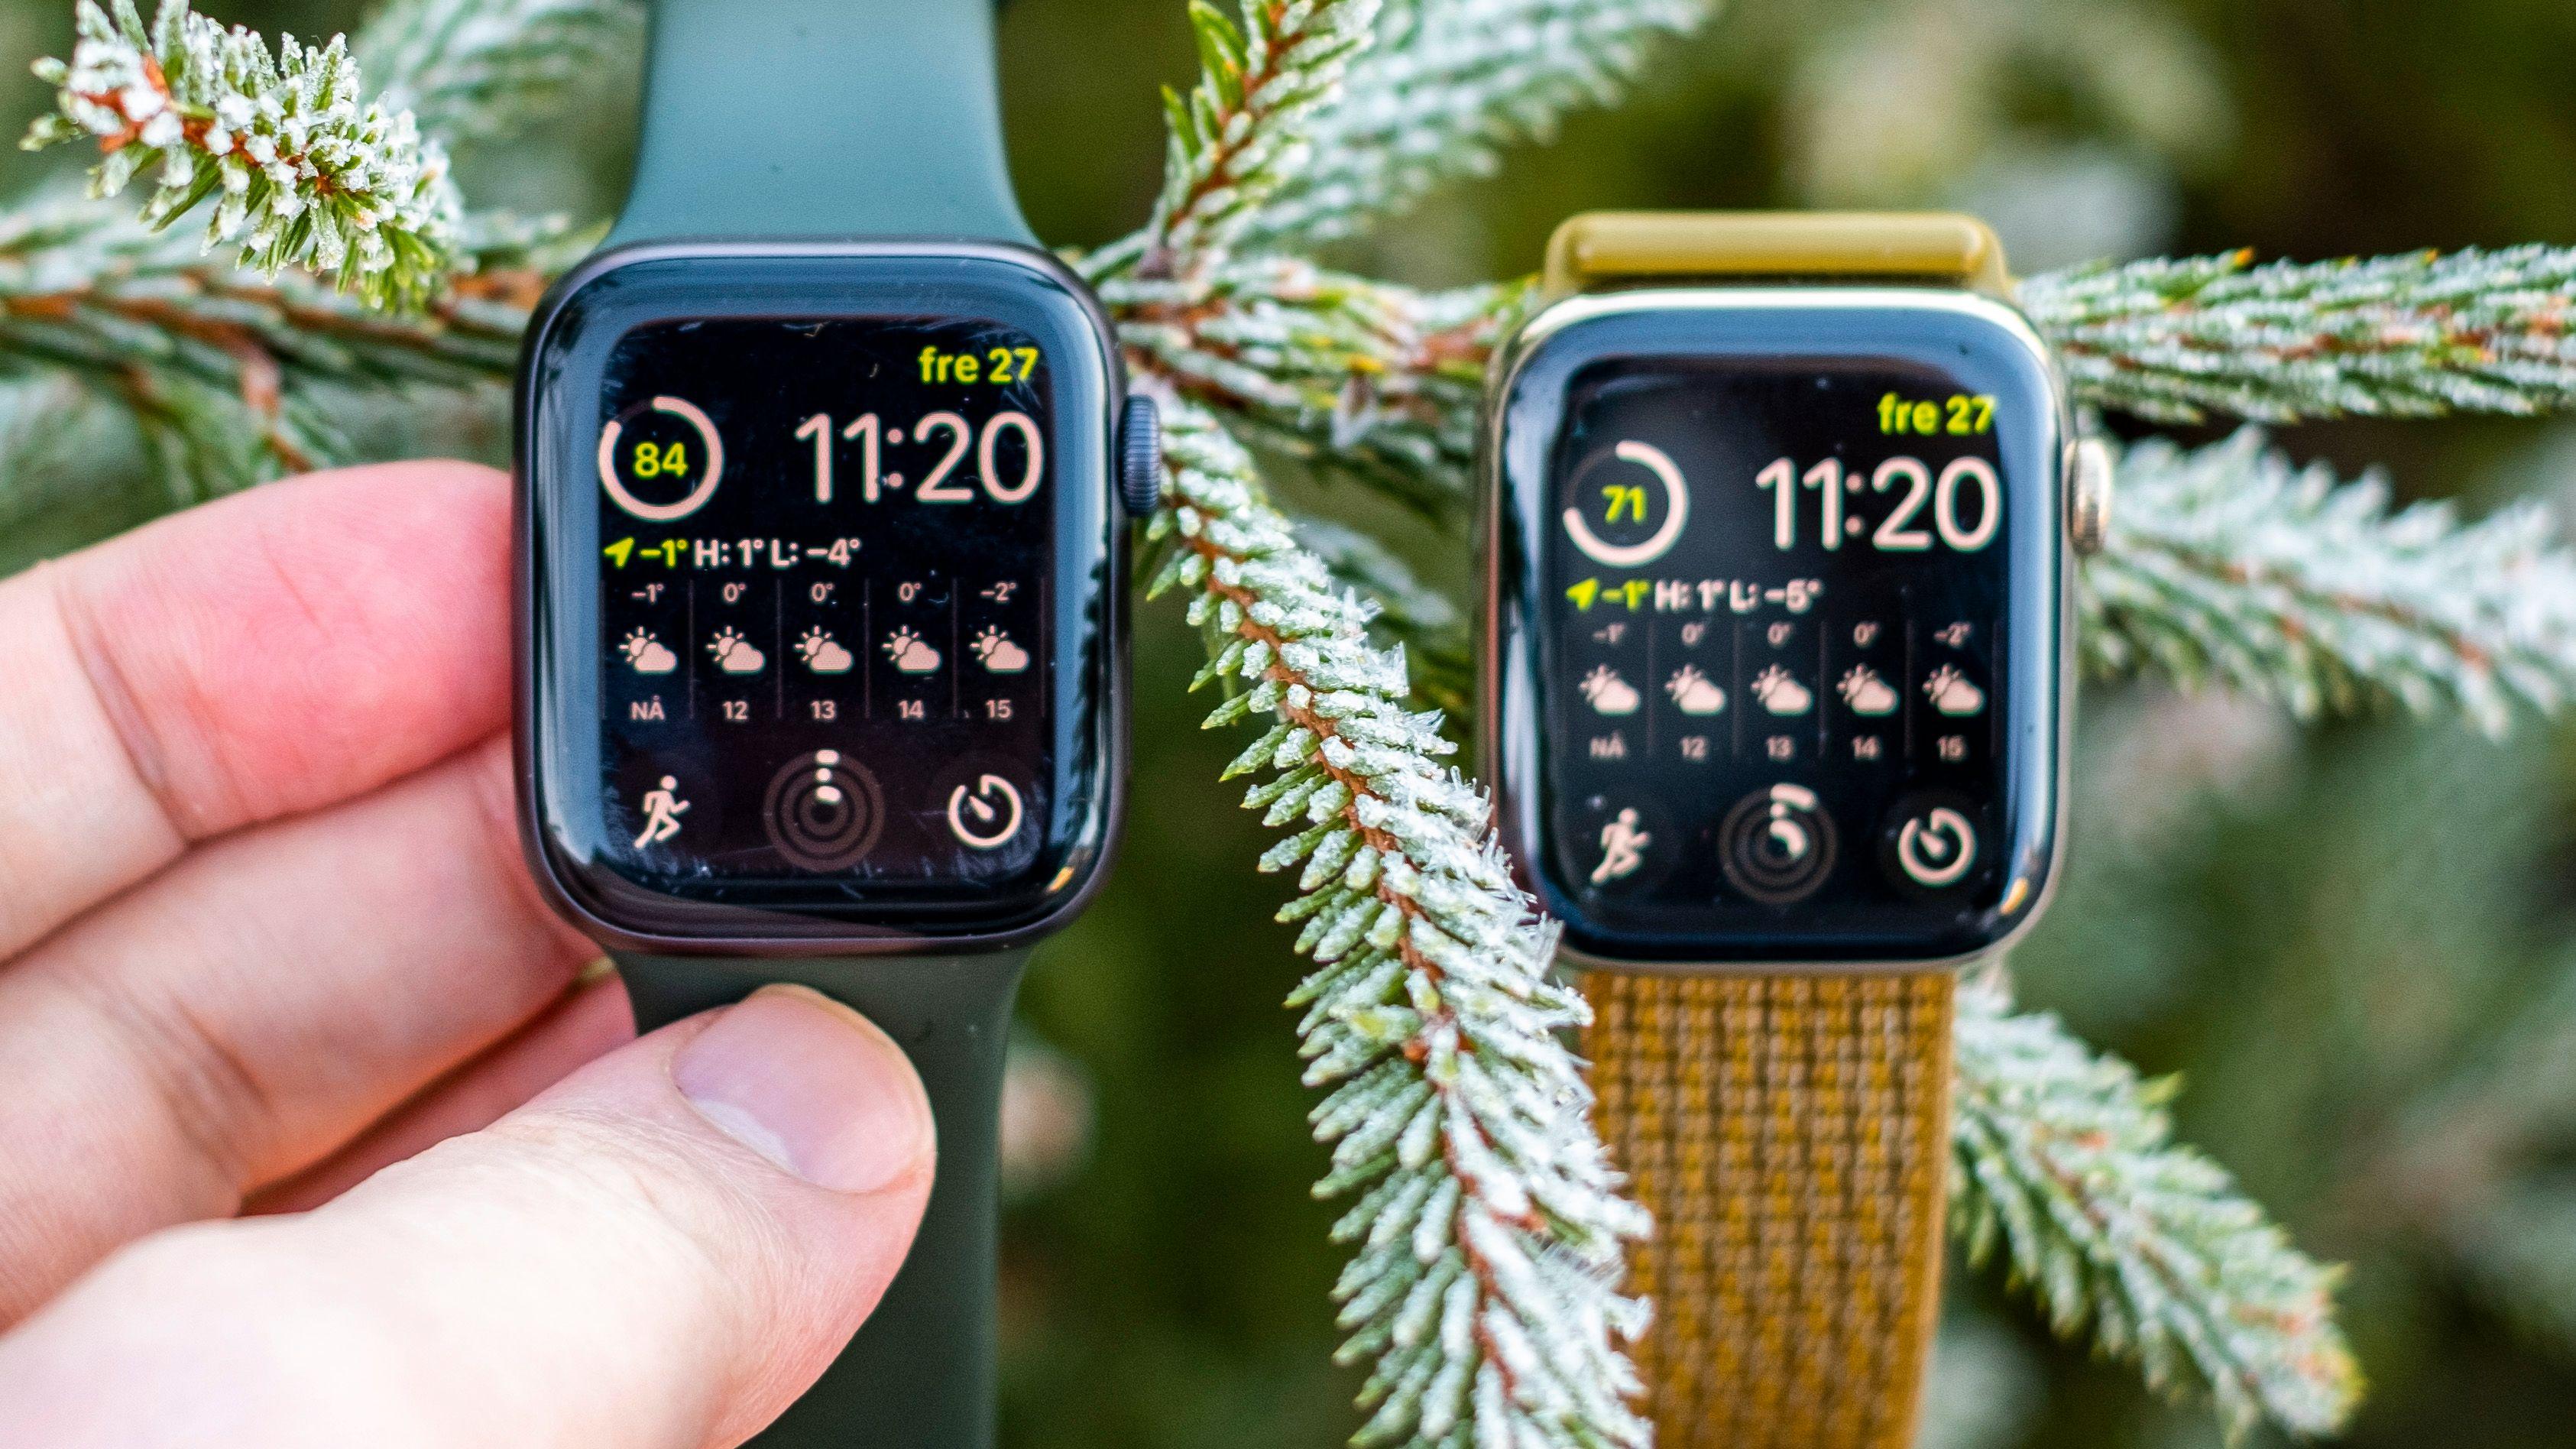 Til venstre nye Apple Watch SE - til høyre en Apple Watch series 6 i stål. Ser du nøye på bildet ser du at SE-skjermen har fått en del skavanker under bruk, mens safirglasskjermen på series 6-en har tålt strabasene uten problemer. Men prisforskjellen fra SE opp til series 6 i stål er heftig - for de fleste er det godt nok å ta bedre vare på klokka enn undertegnede.